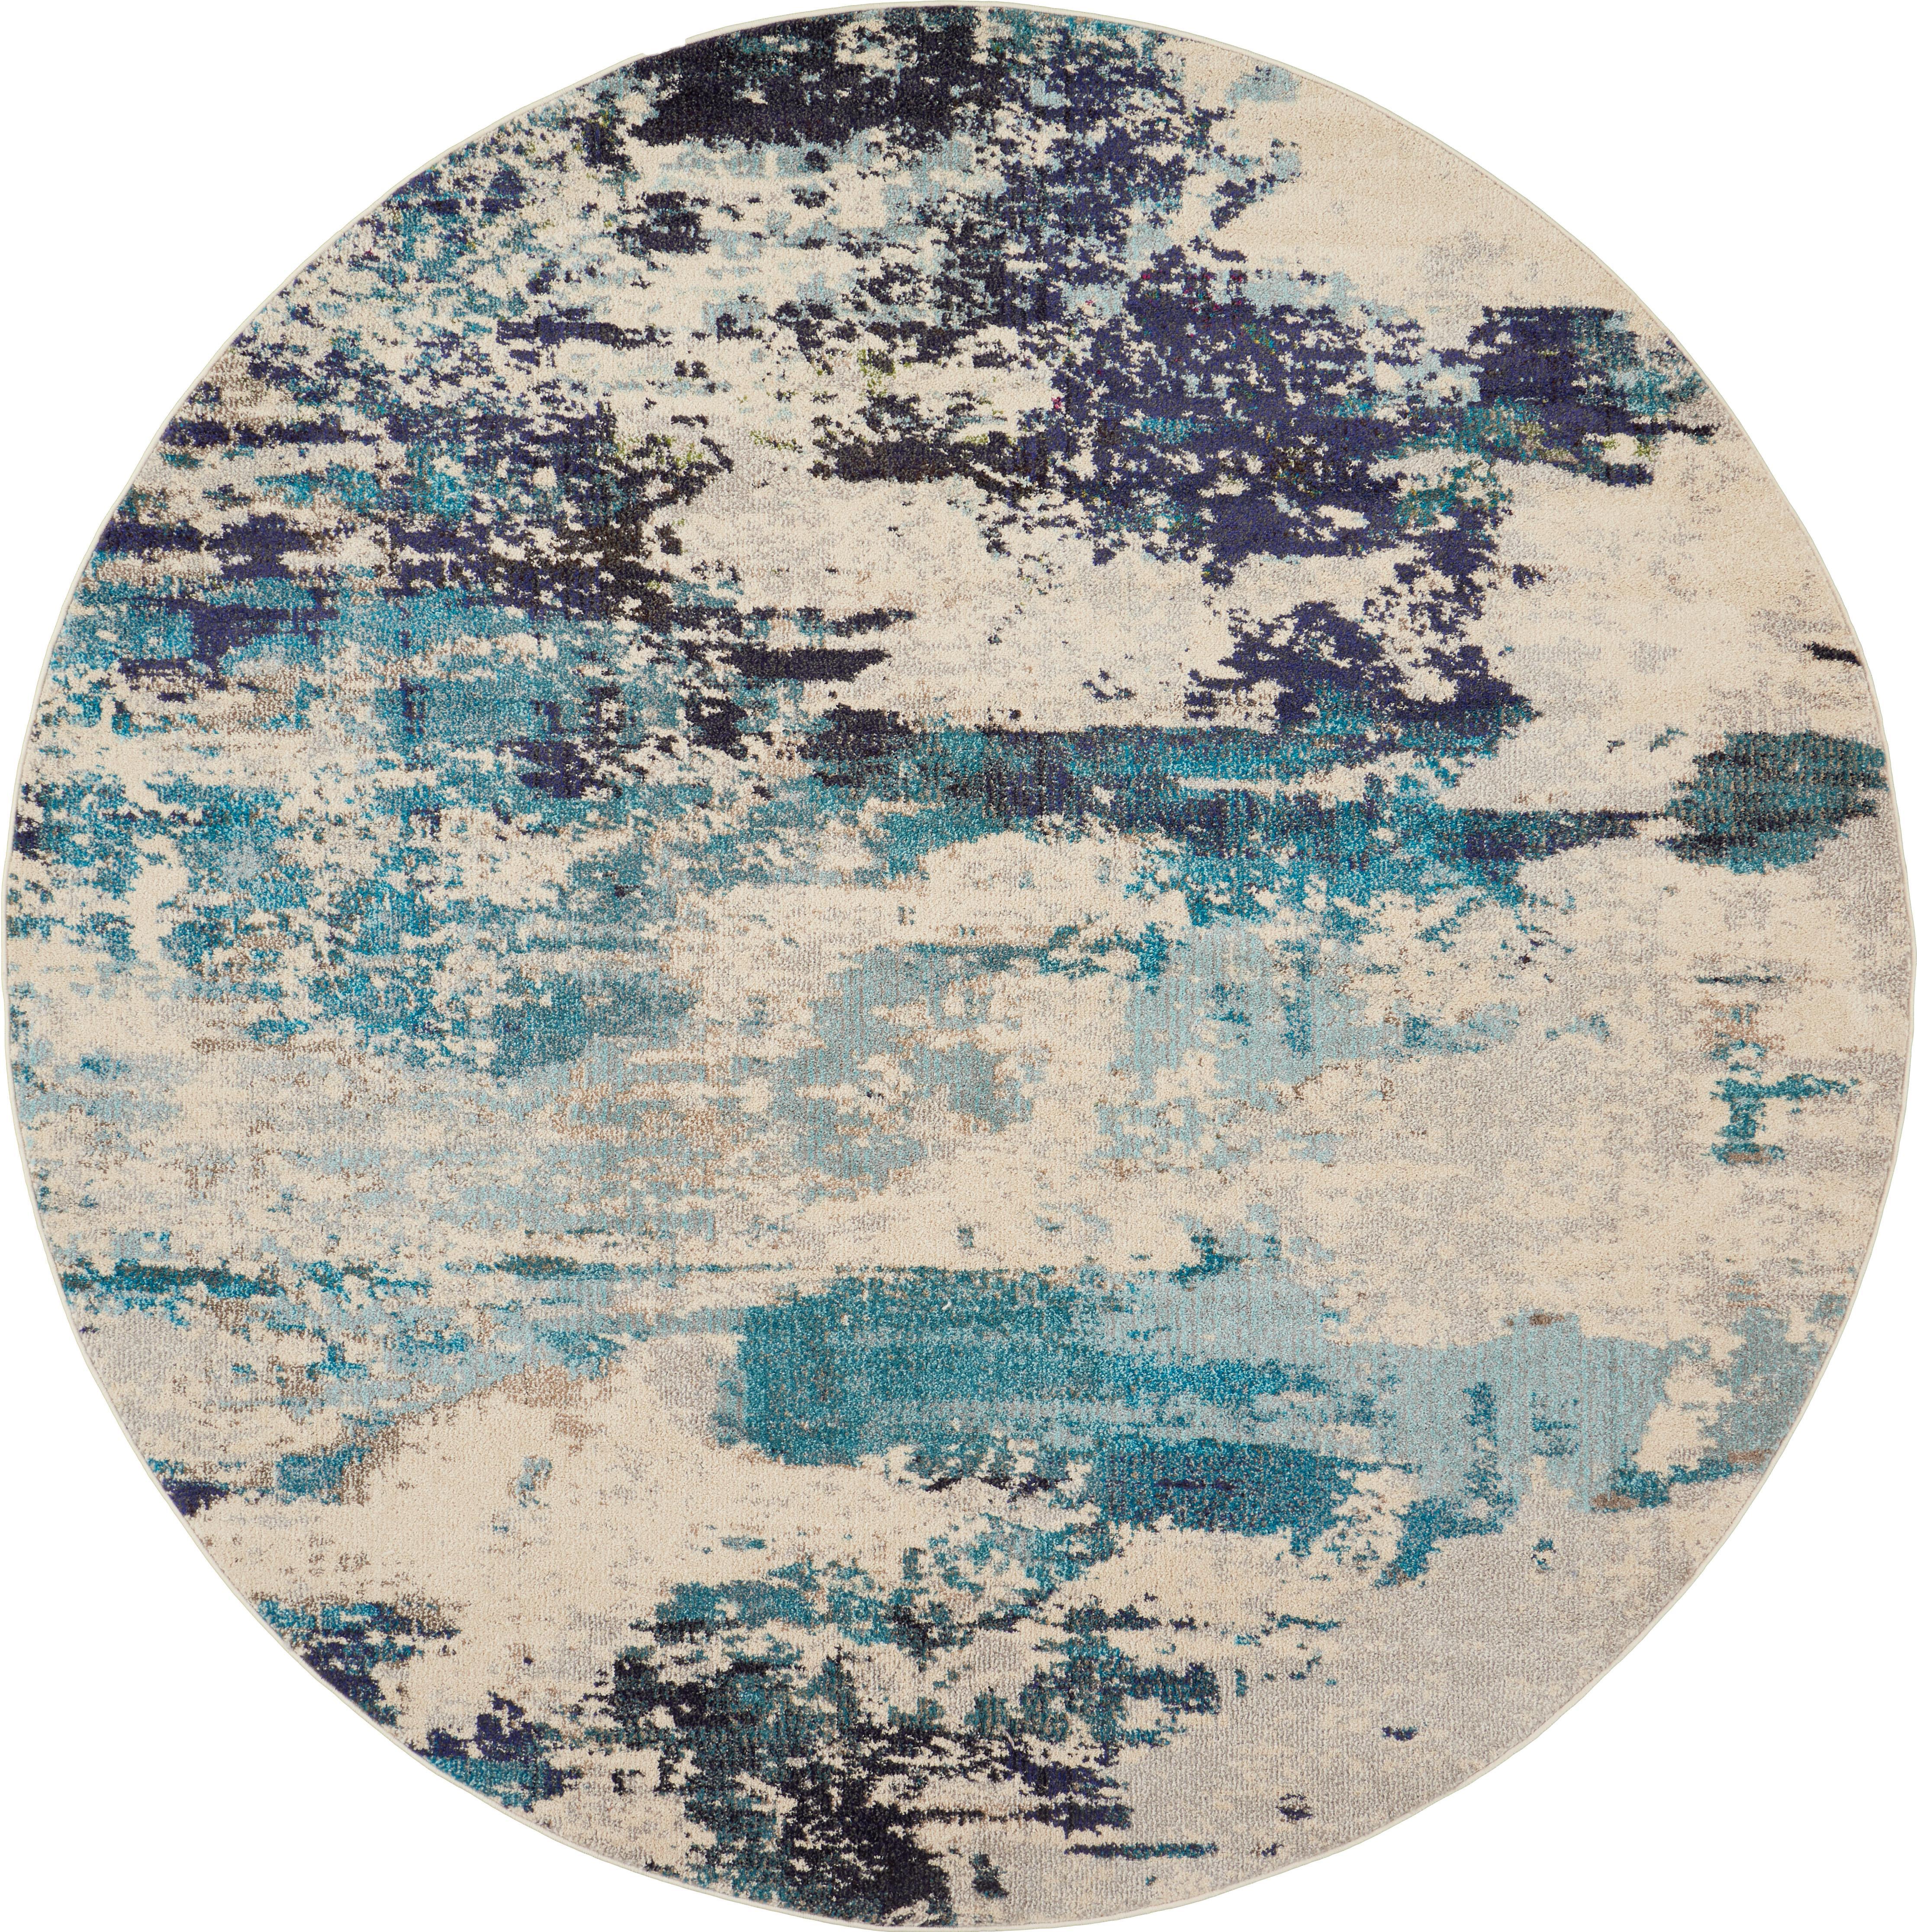 Okrągły dywan Celestial Round, Odcienie kości słoniowej, odcienie niebieskiego, Ø 160 cm (Rozmiar L)